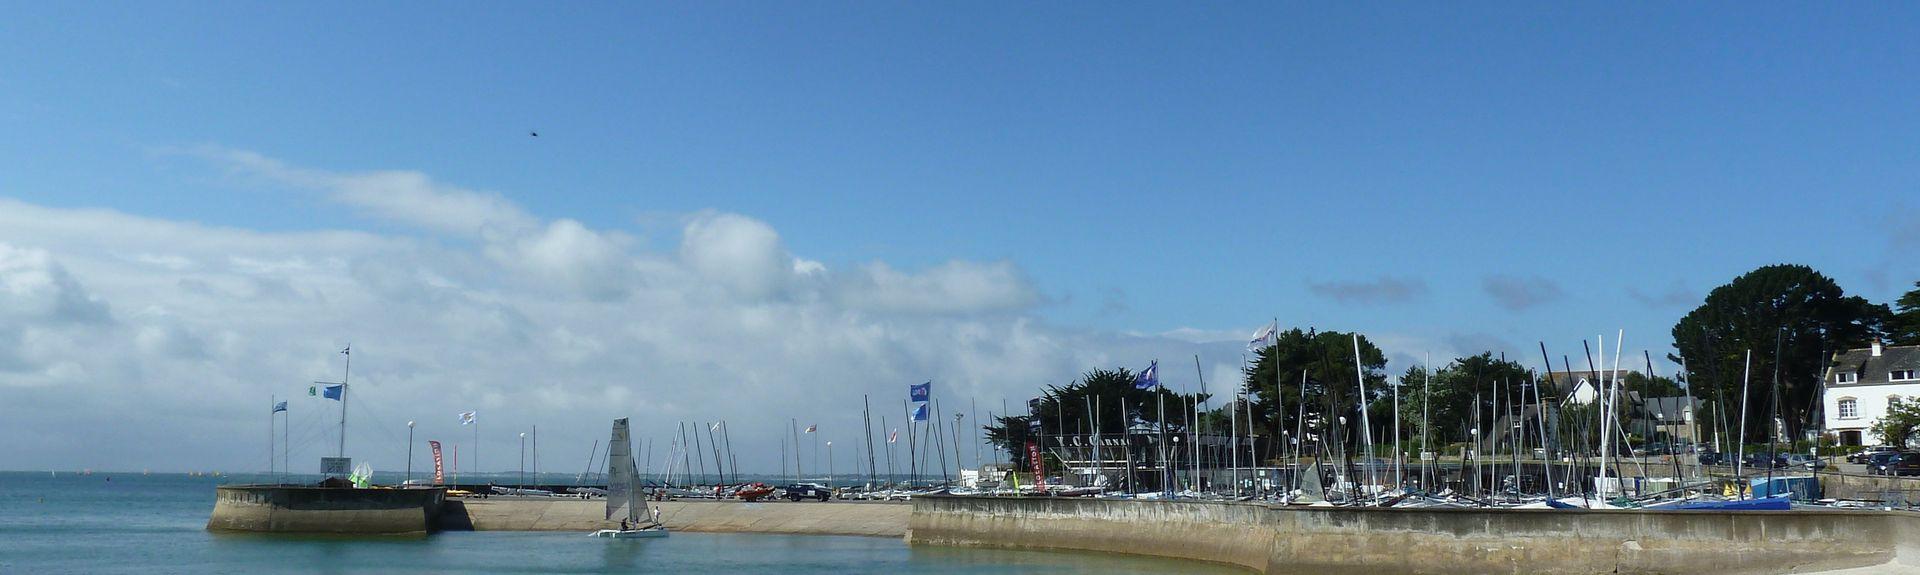 Ploemel, Morbihan, France